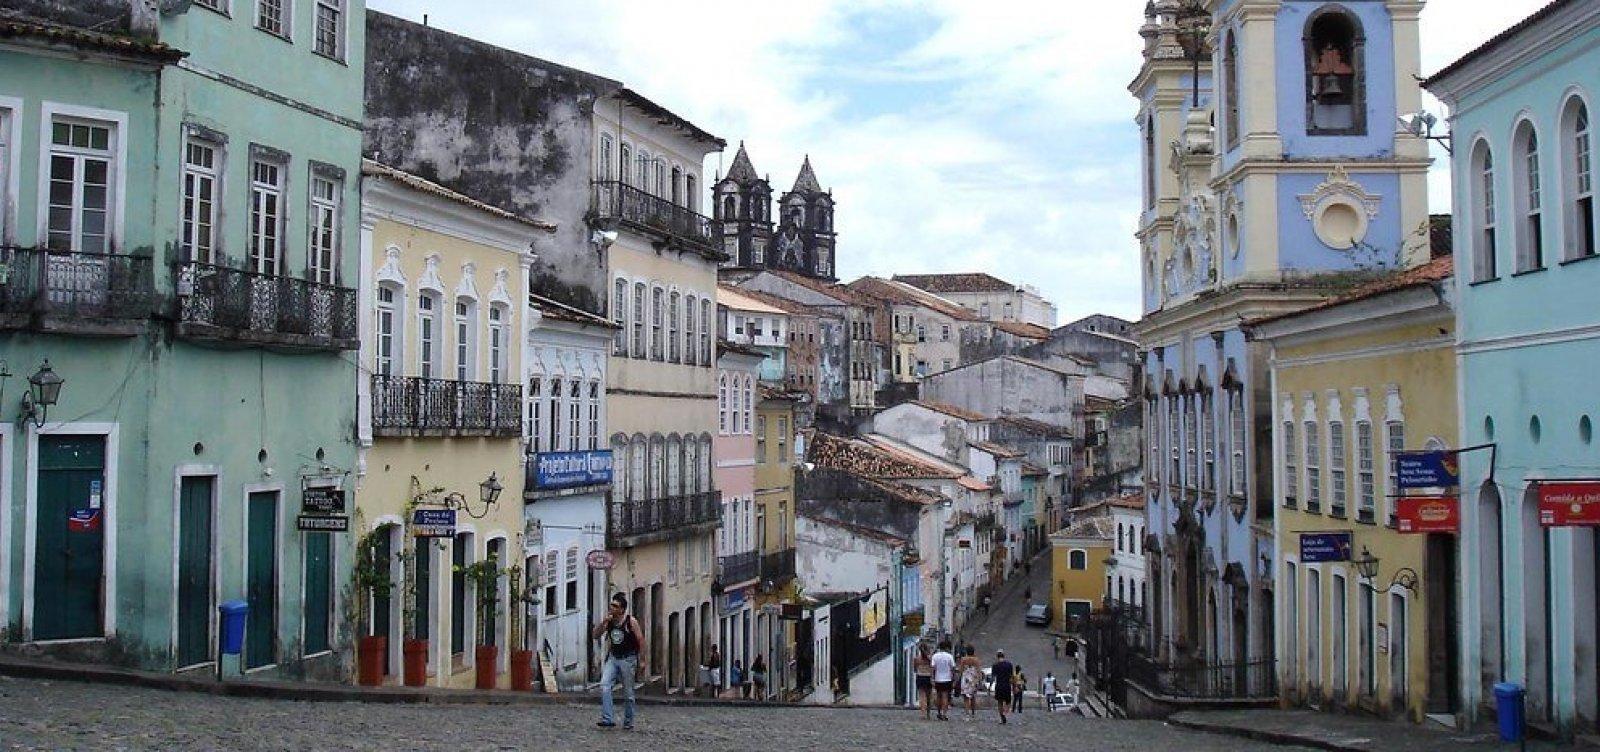 [Bahia deve assinar acordo com Portugal para requalificar Centro Histórico]